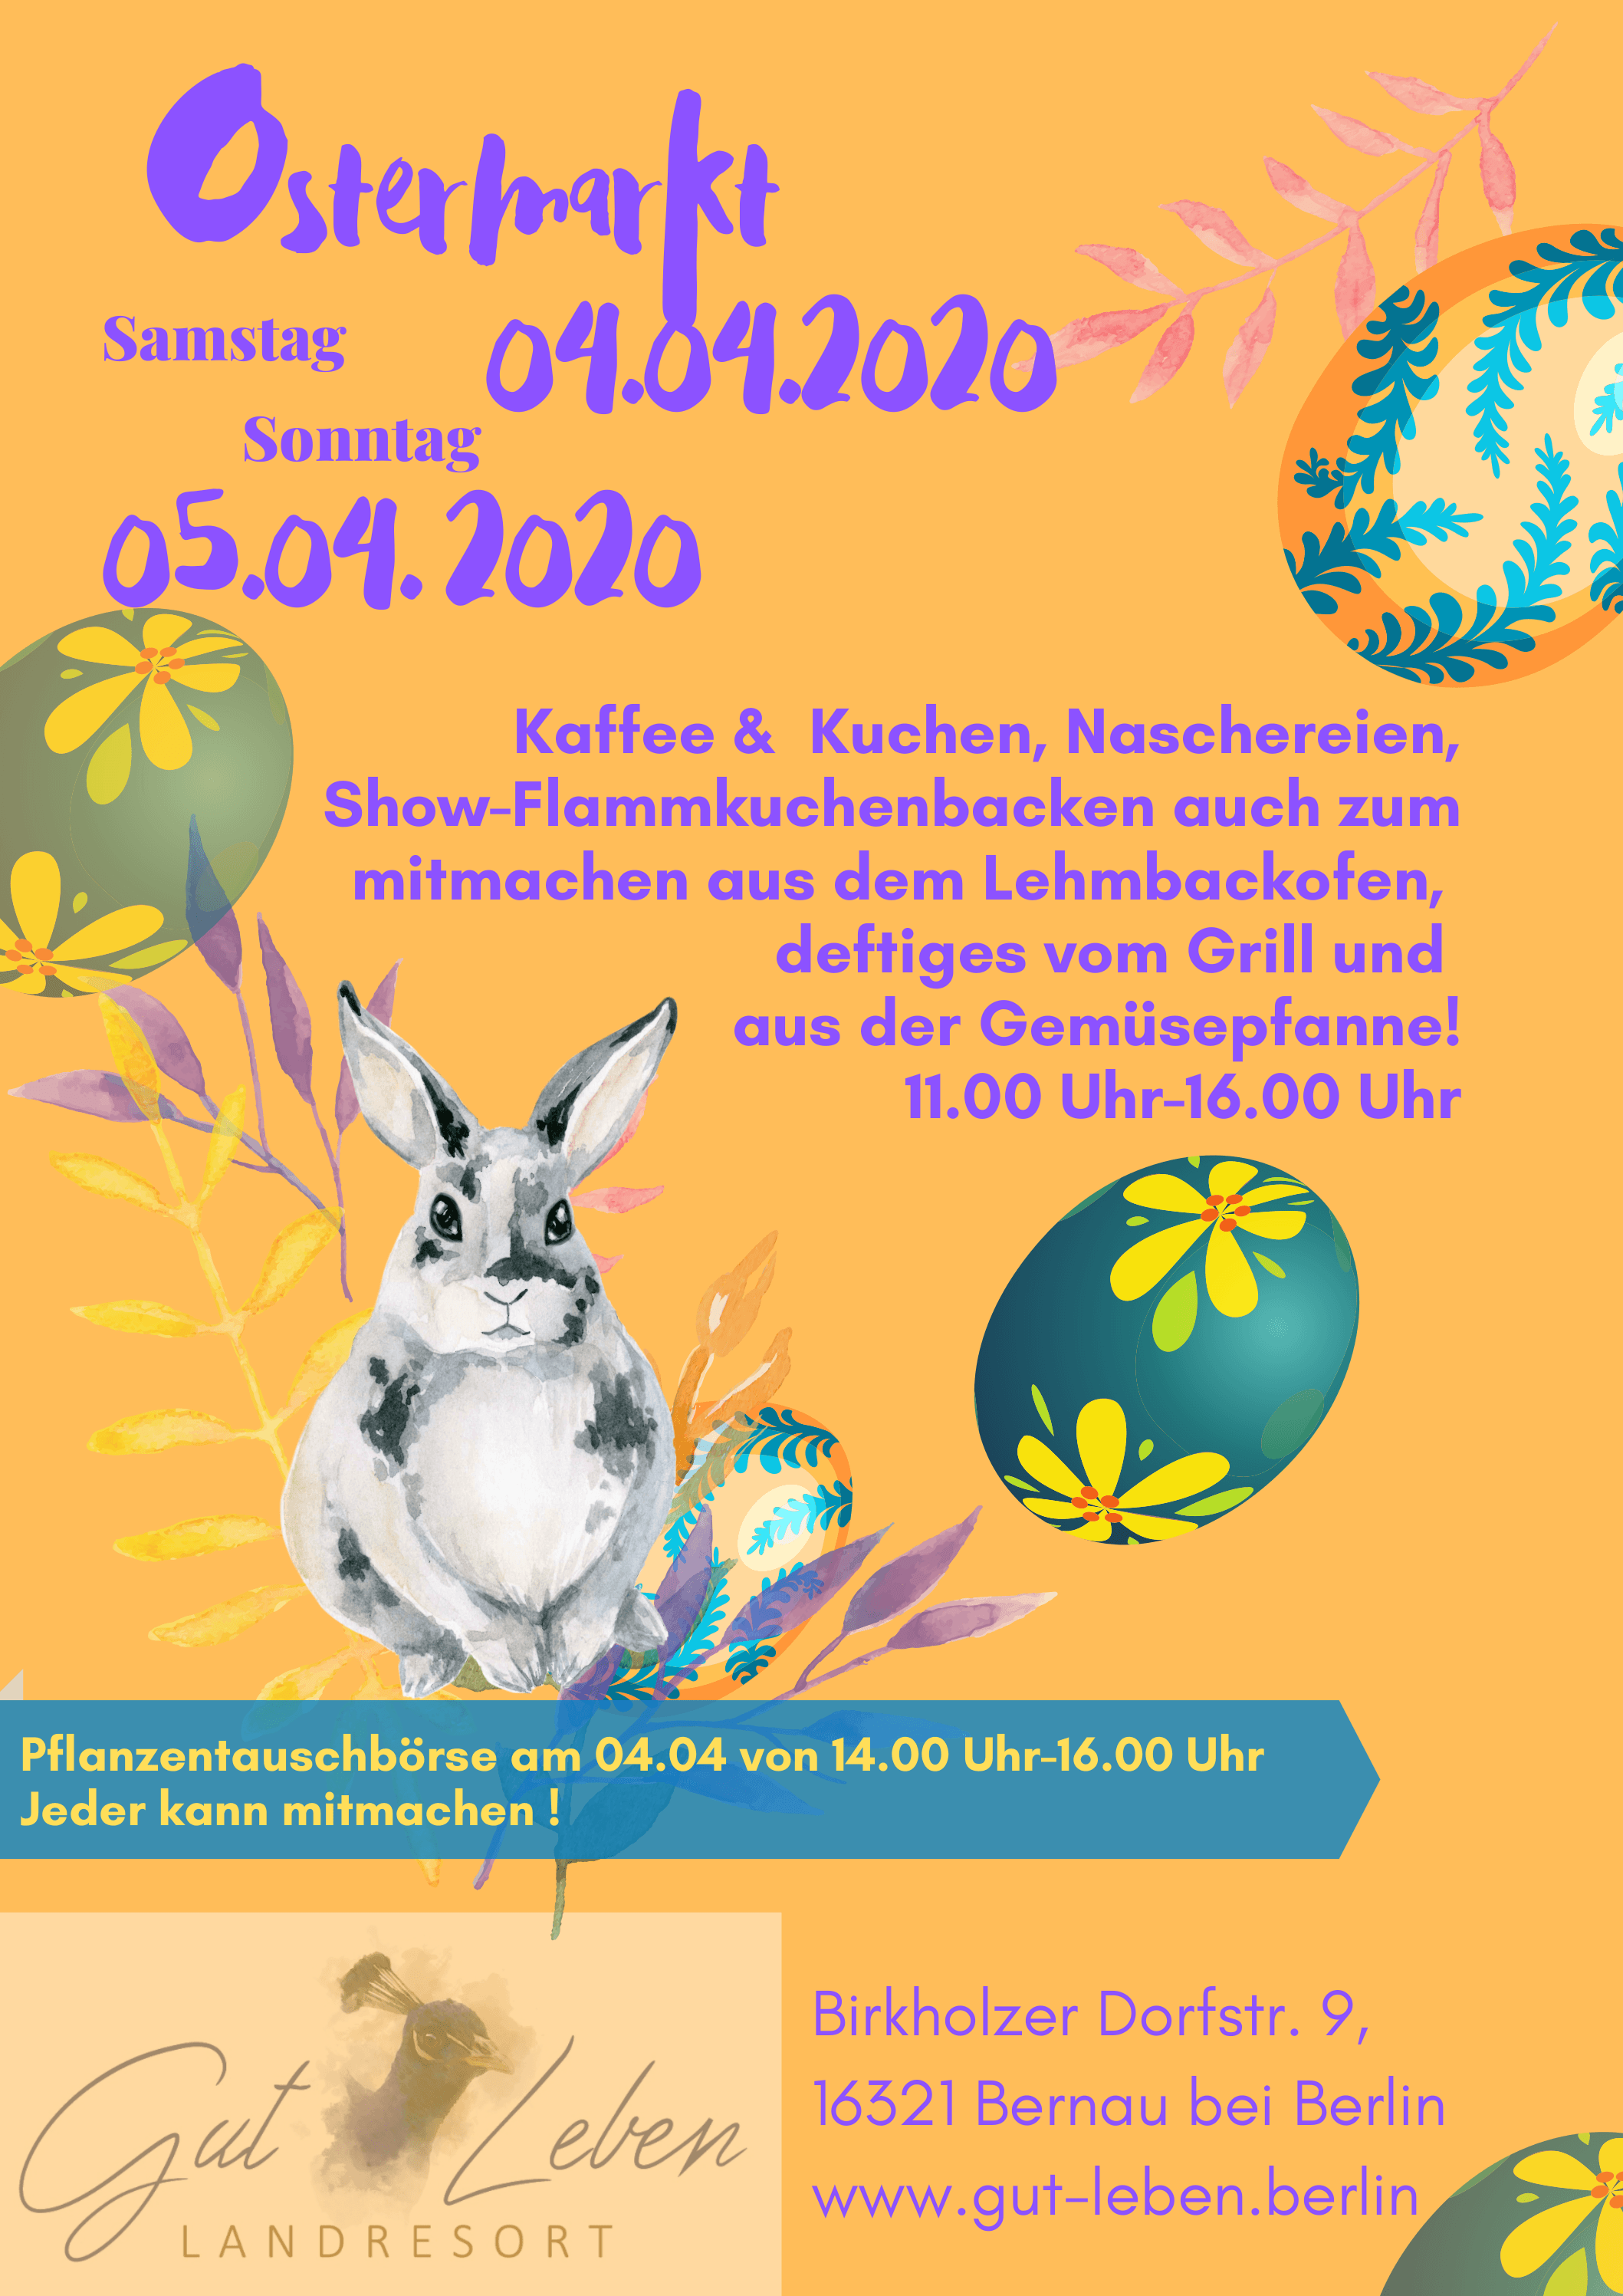 Ostermarkt Gut Leben am 04.04. und 05.04.